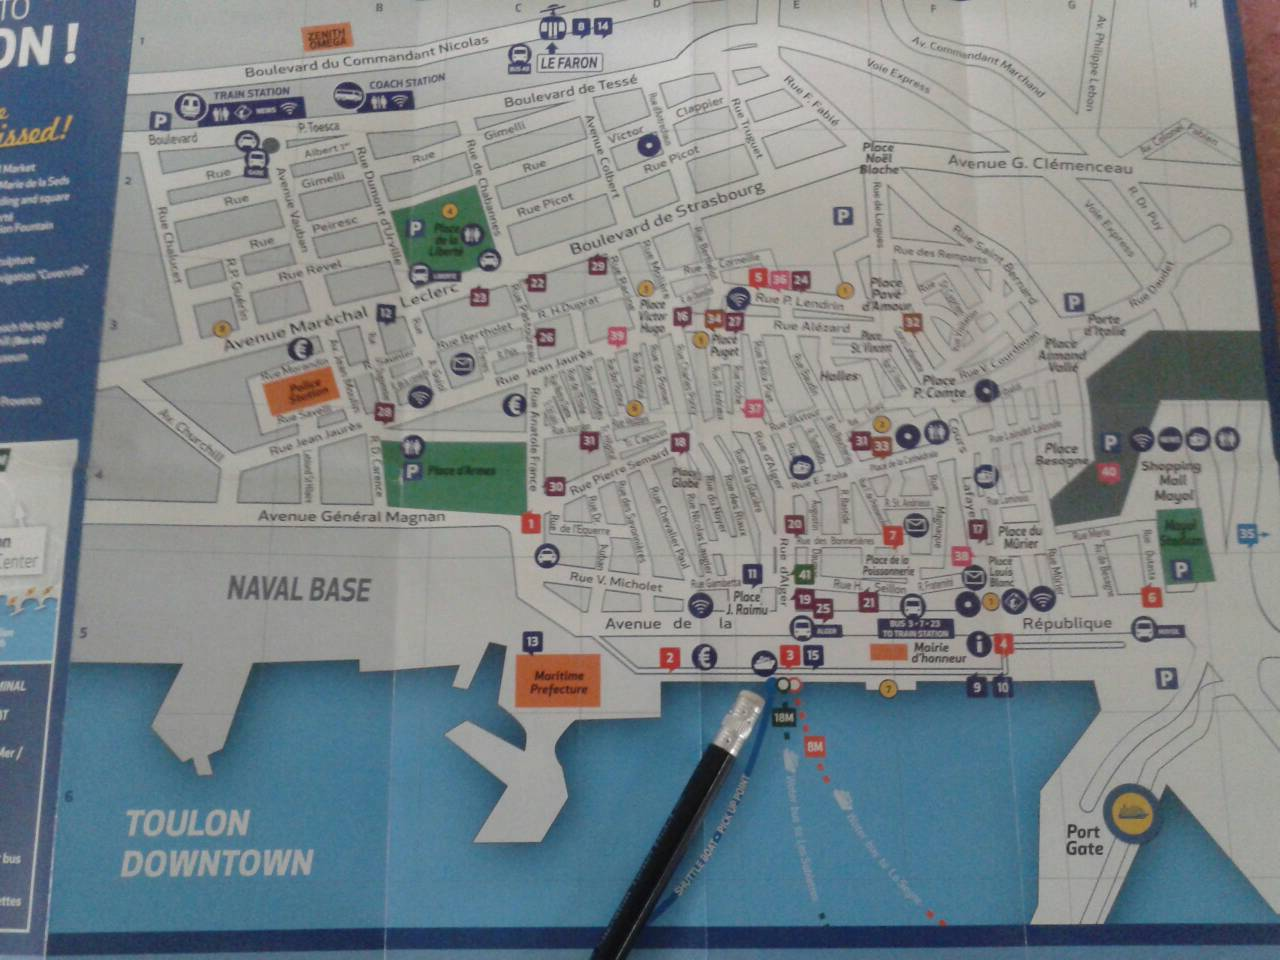 土倫市區地圖 (1)